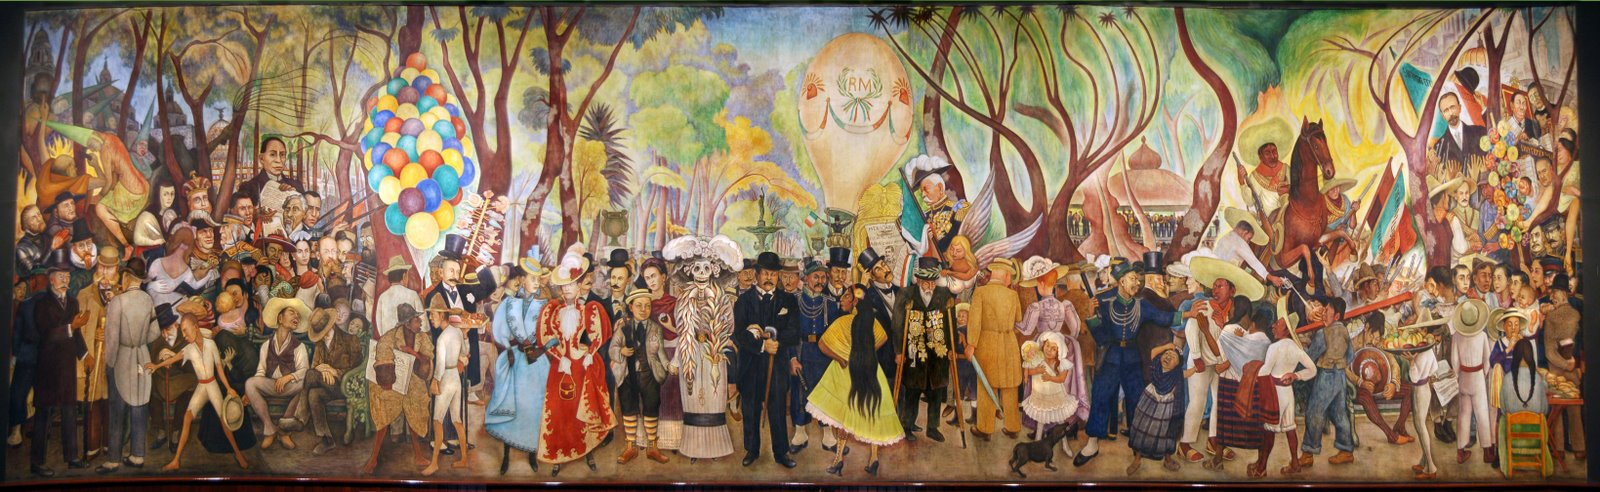 Sueño de una tarde dominical en la Alameda - Diego Rivera